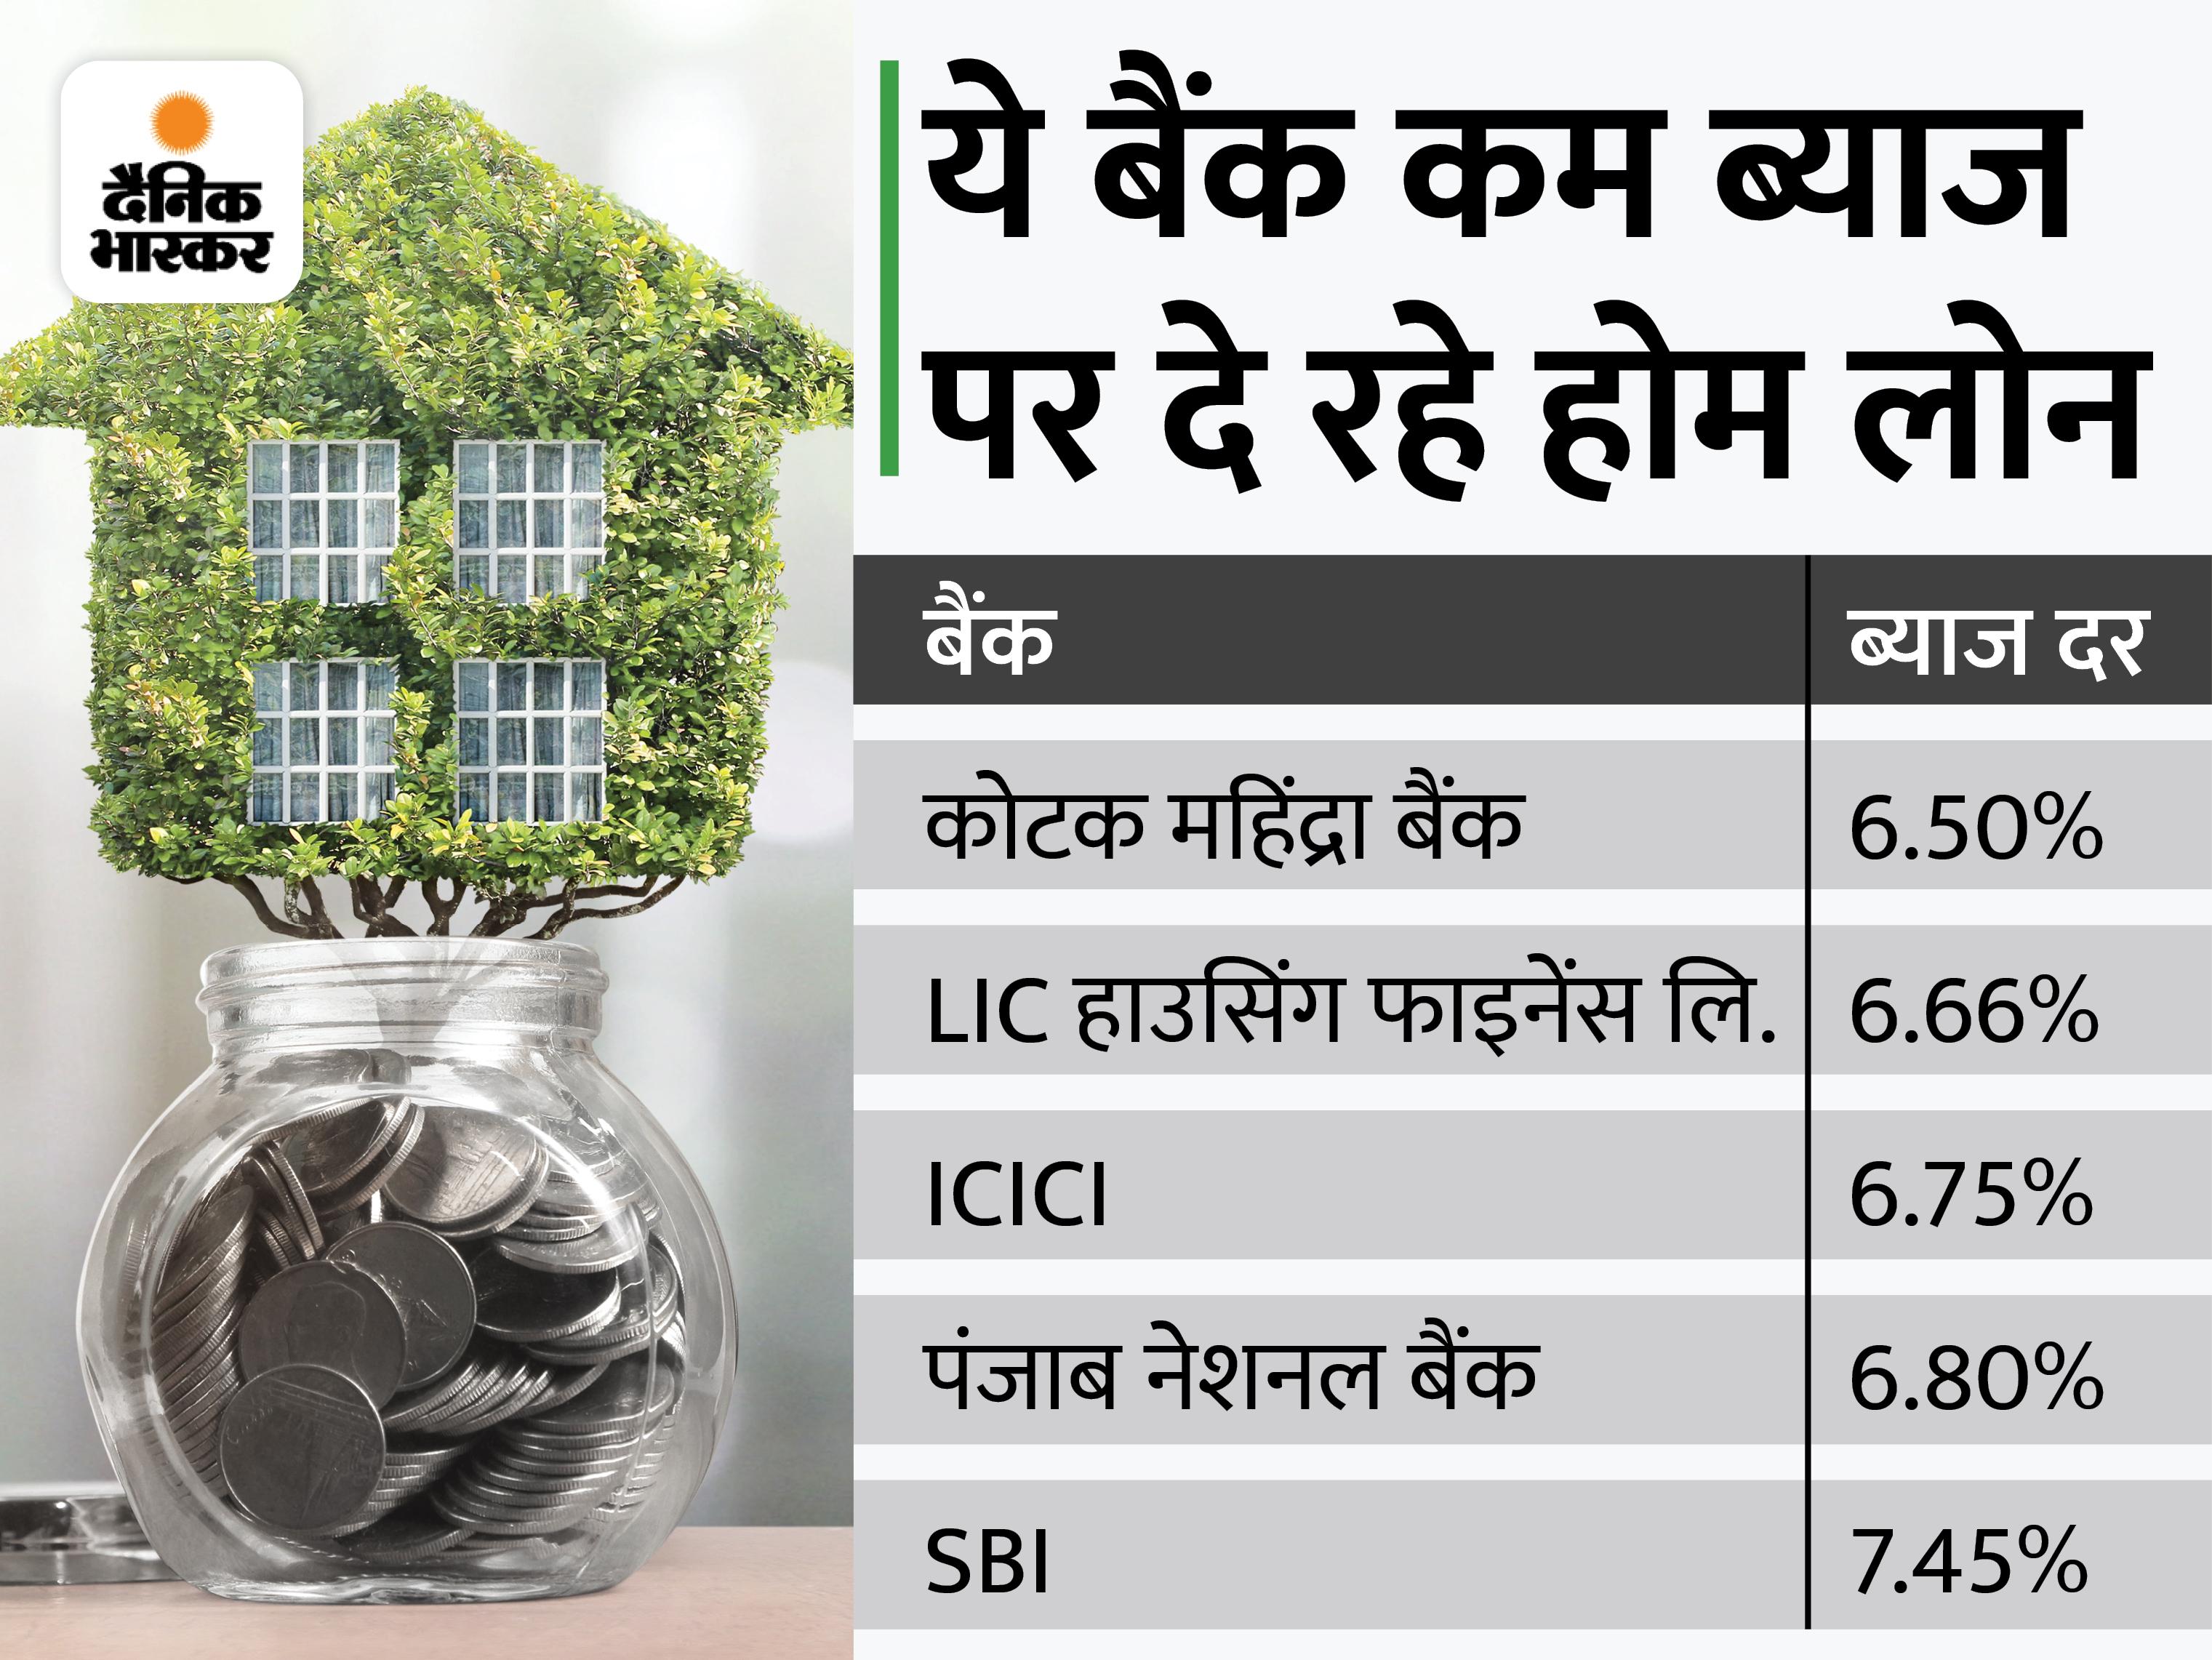 SBI ने होम लोन की ब्याज दर में कटौती की, अब 7.45% पर मिलेगा कर्ज|बिजनेस,Business - Dainik Bhaskar